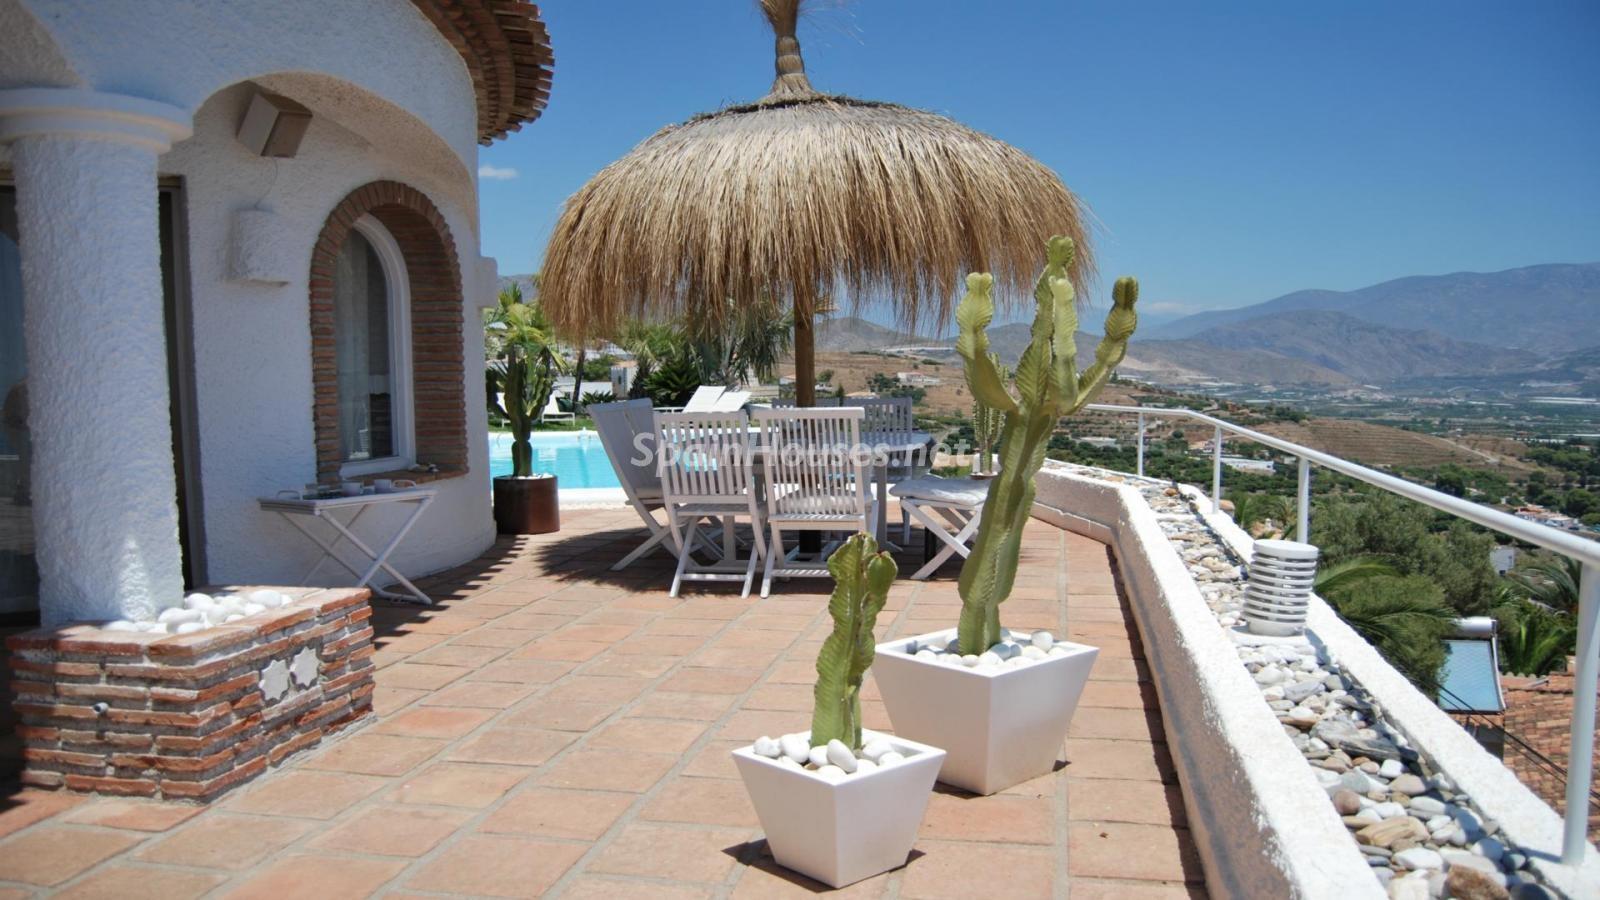 49335 2014903 foto 412769 - Exotic villa in Salobreña, Granada